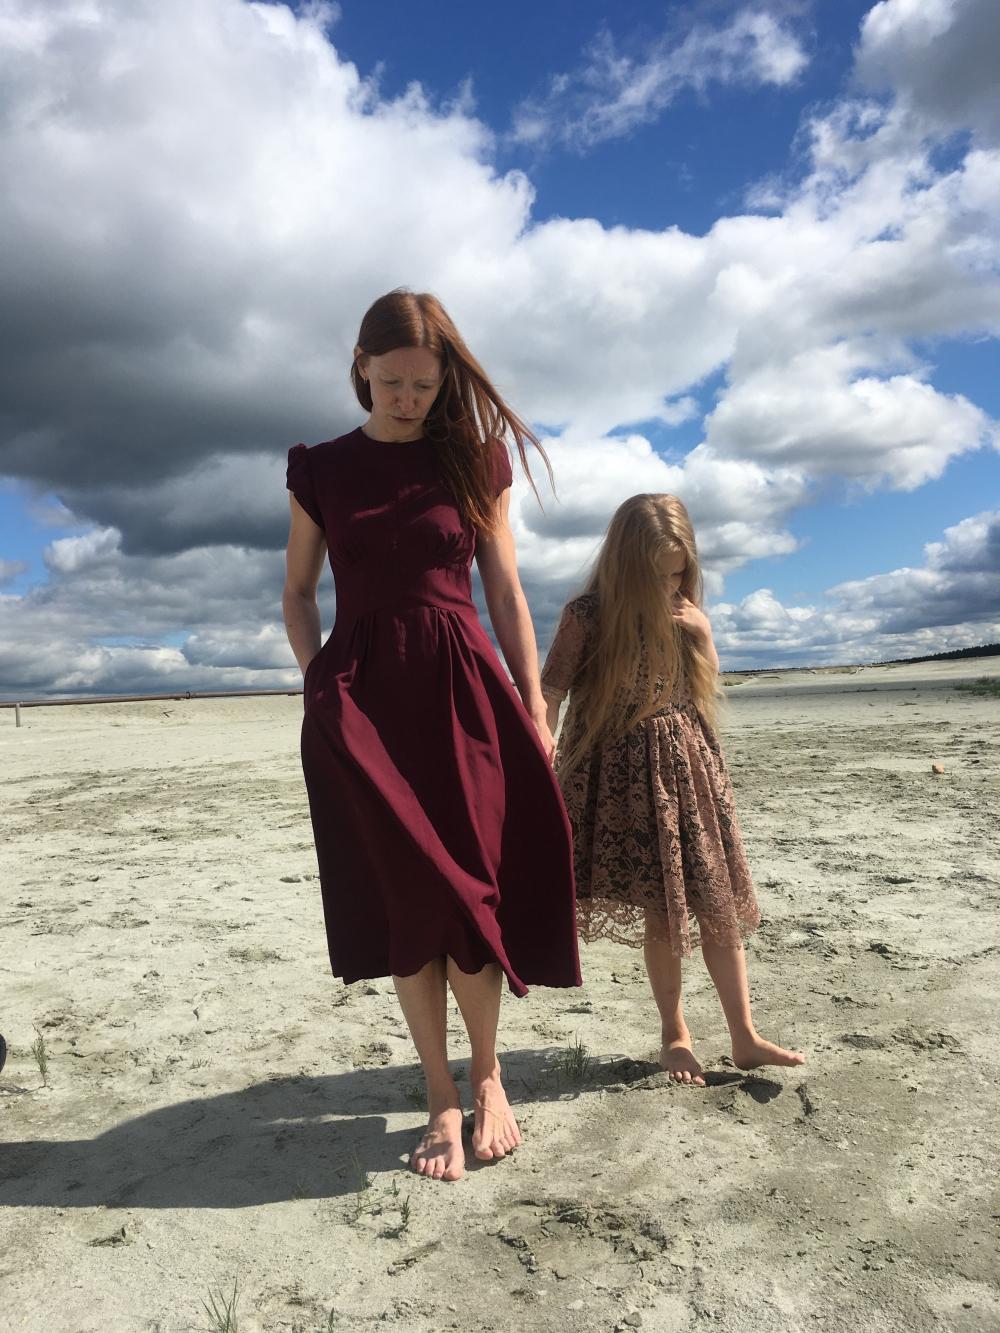 Анастасия старается научить дочь всему, что умеет сама. Ева занимается гимнастикой и с удовольствием помогает маме в создании образов для фильмов.